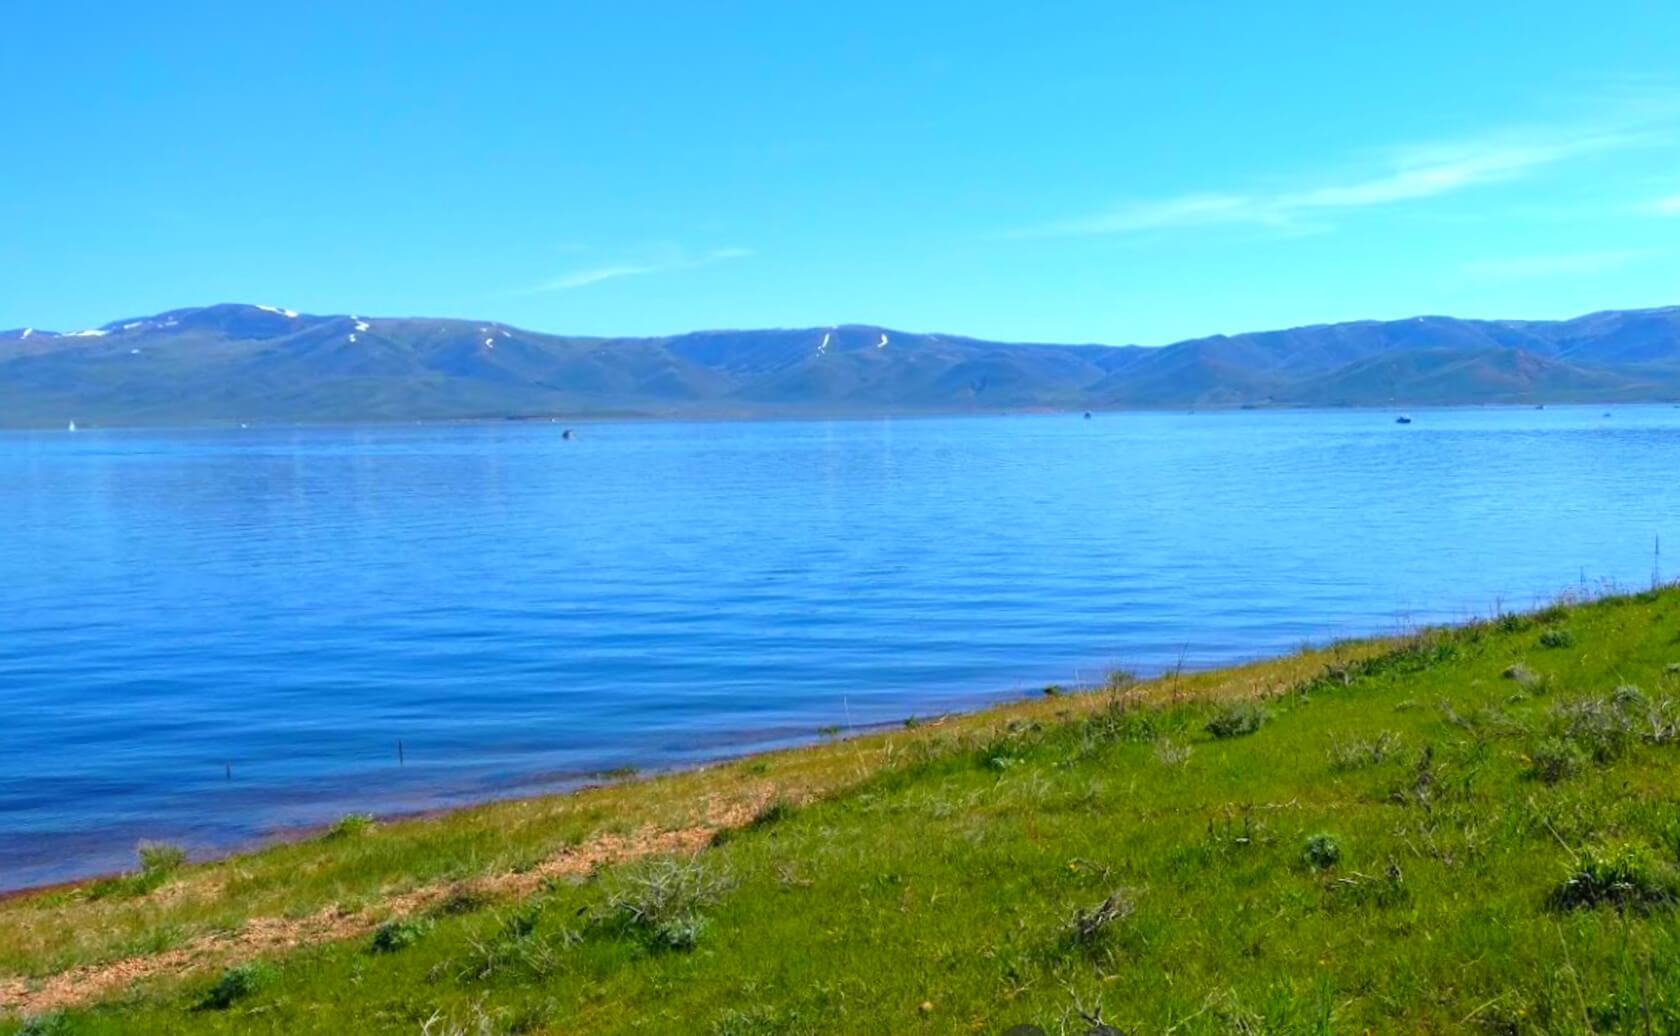 Strawberry-Lake-Fishing-Guide-Report-Utah-02